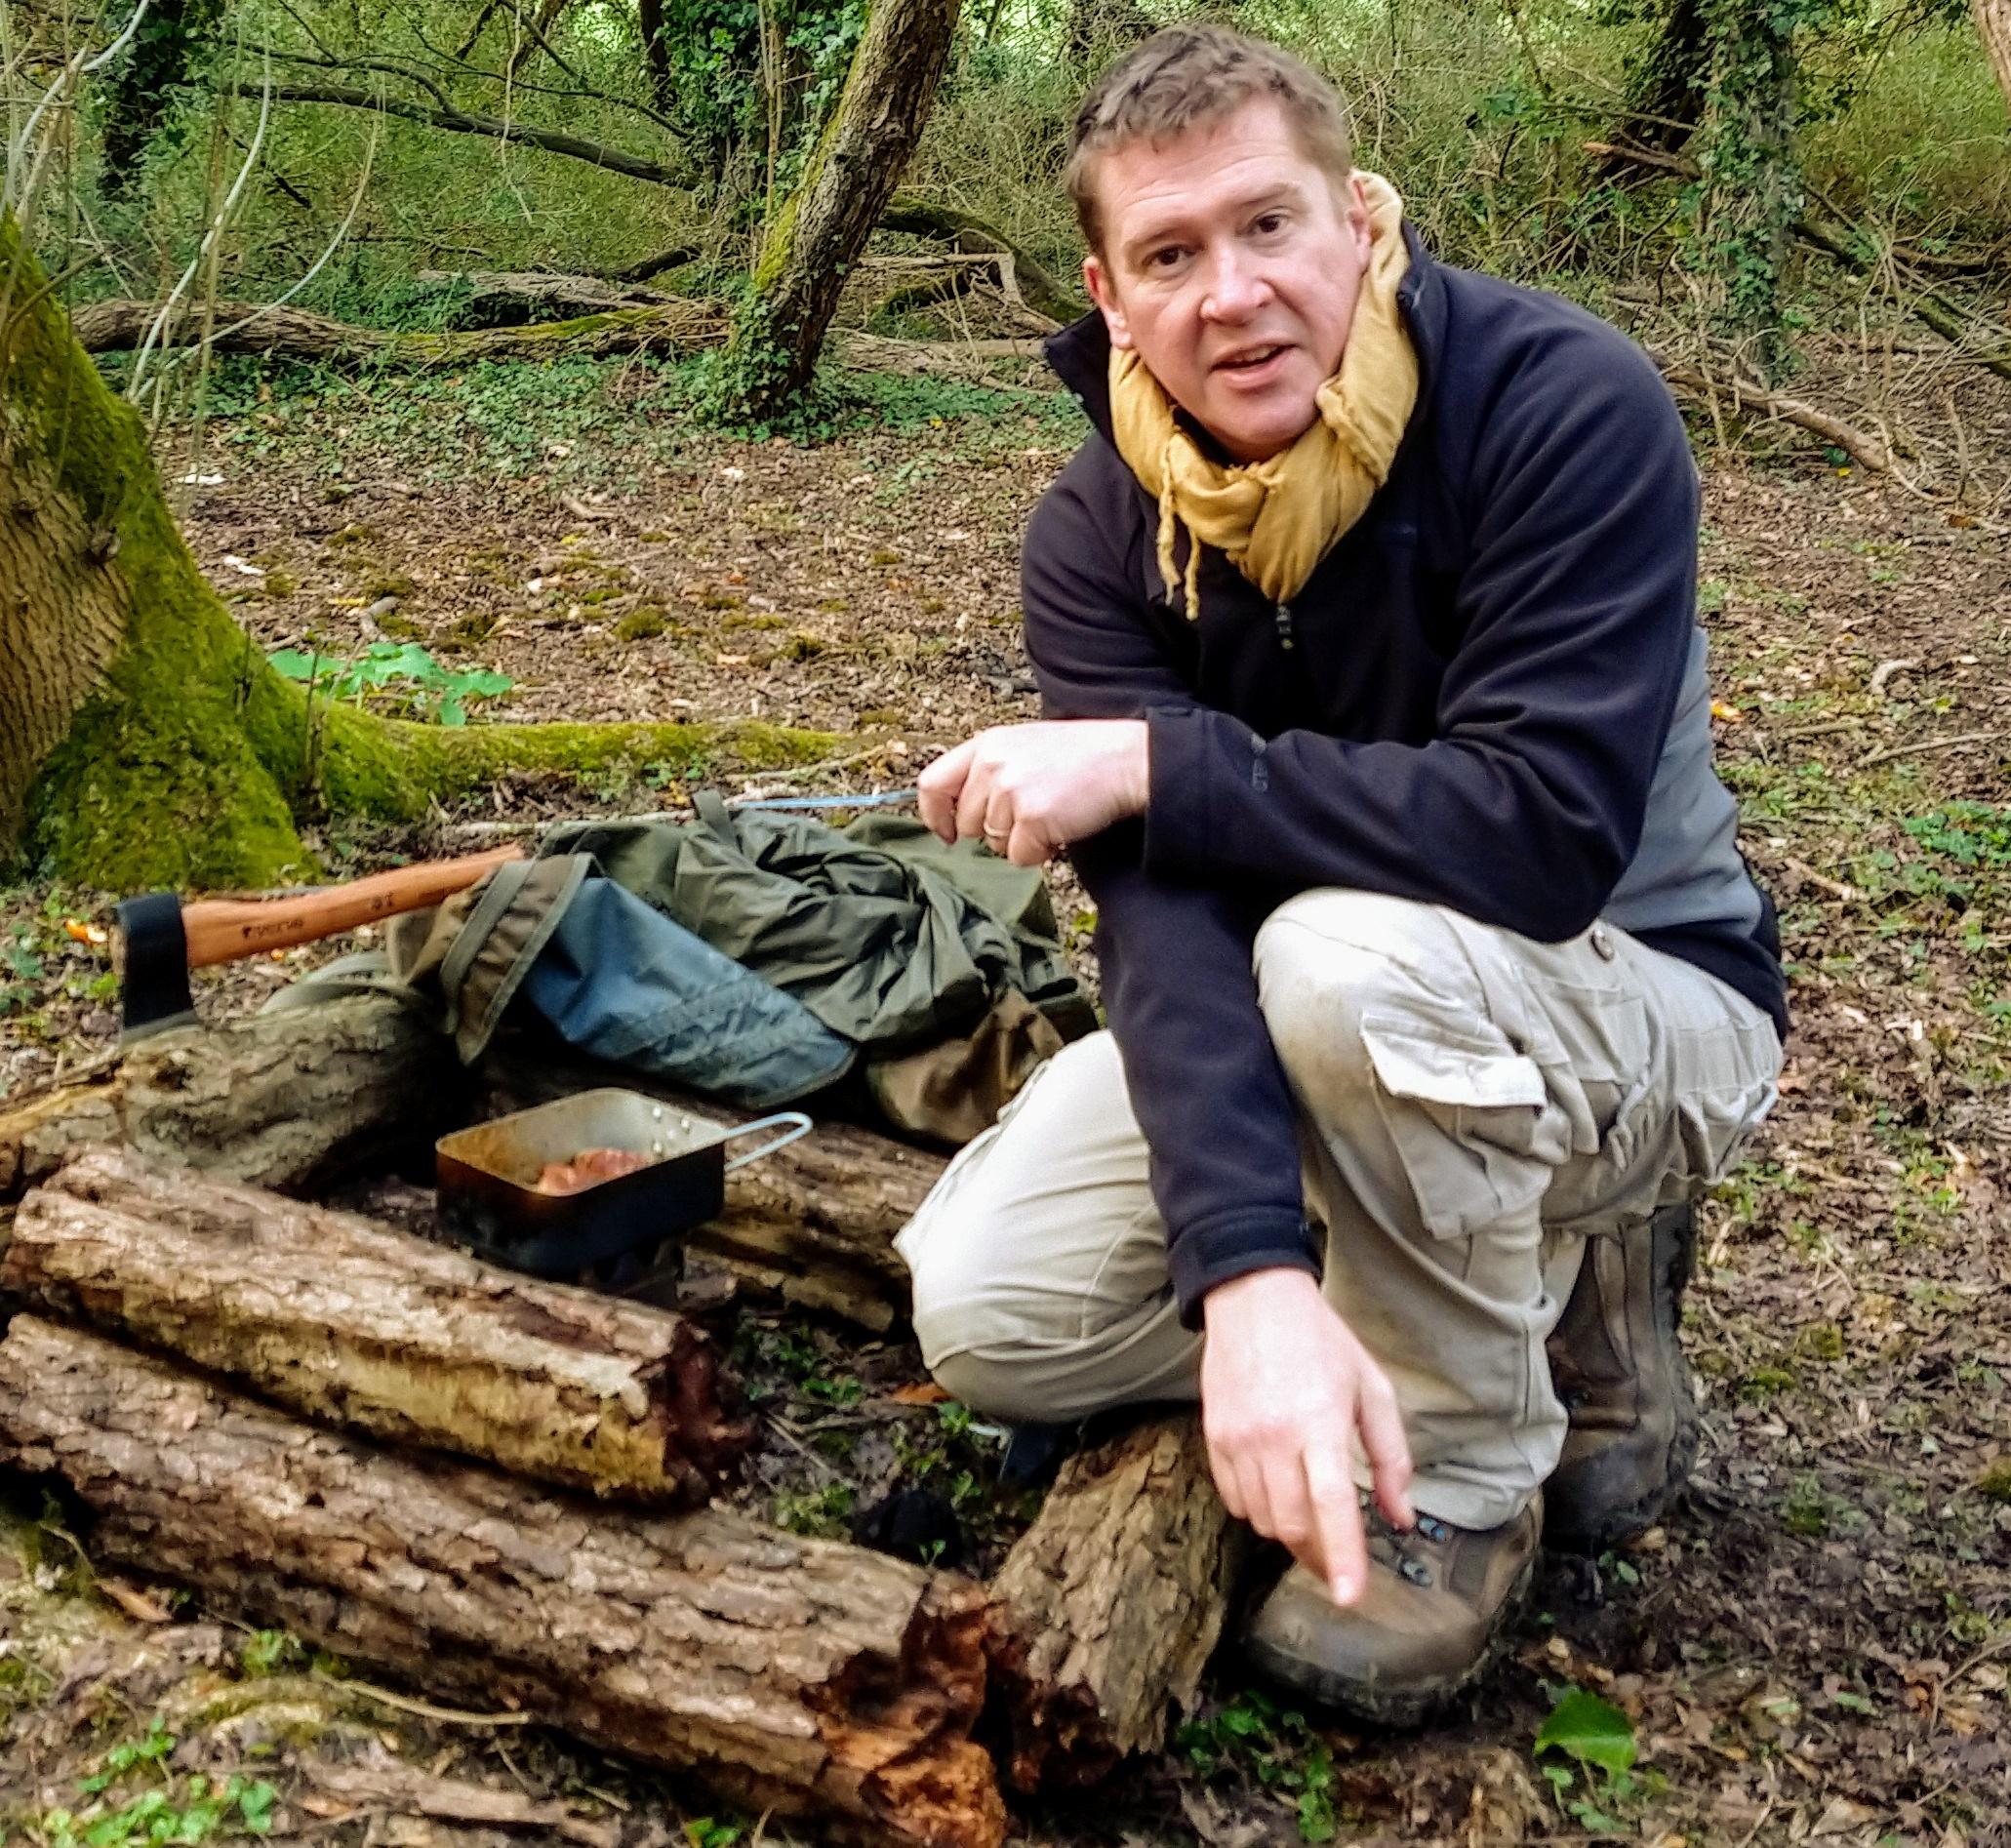 Darren Parkin, head of directing staff at Wild Parkin